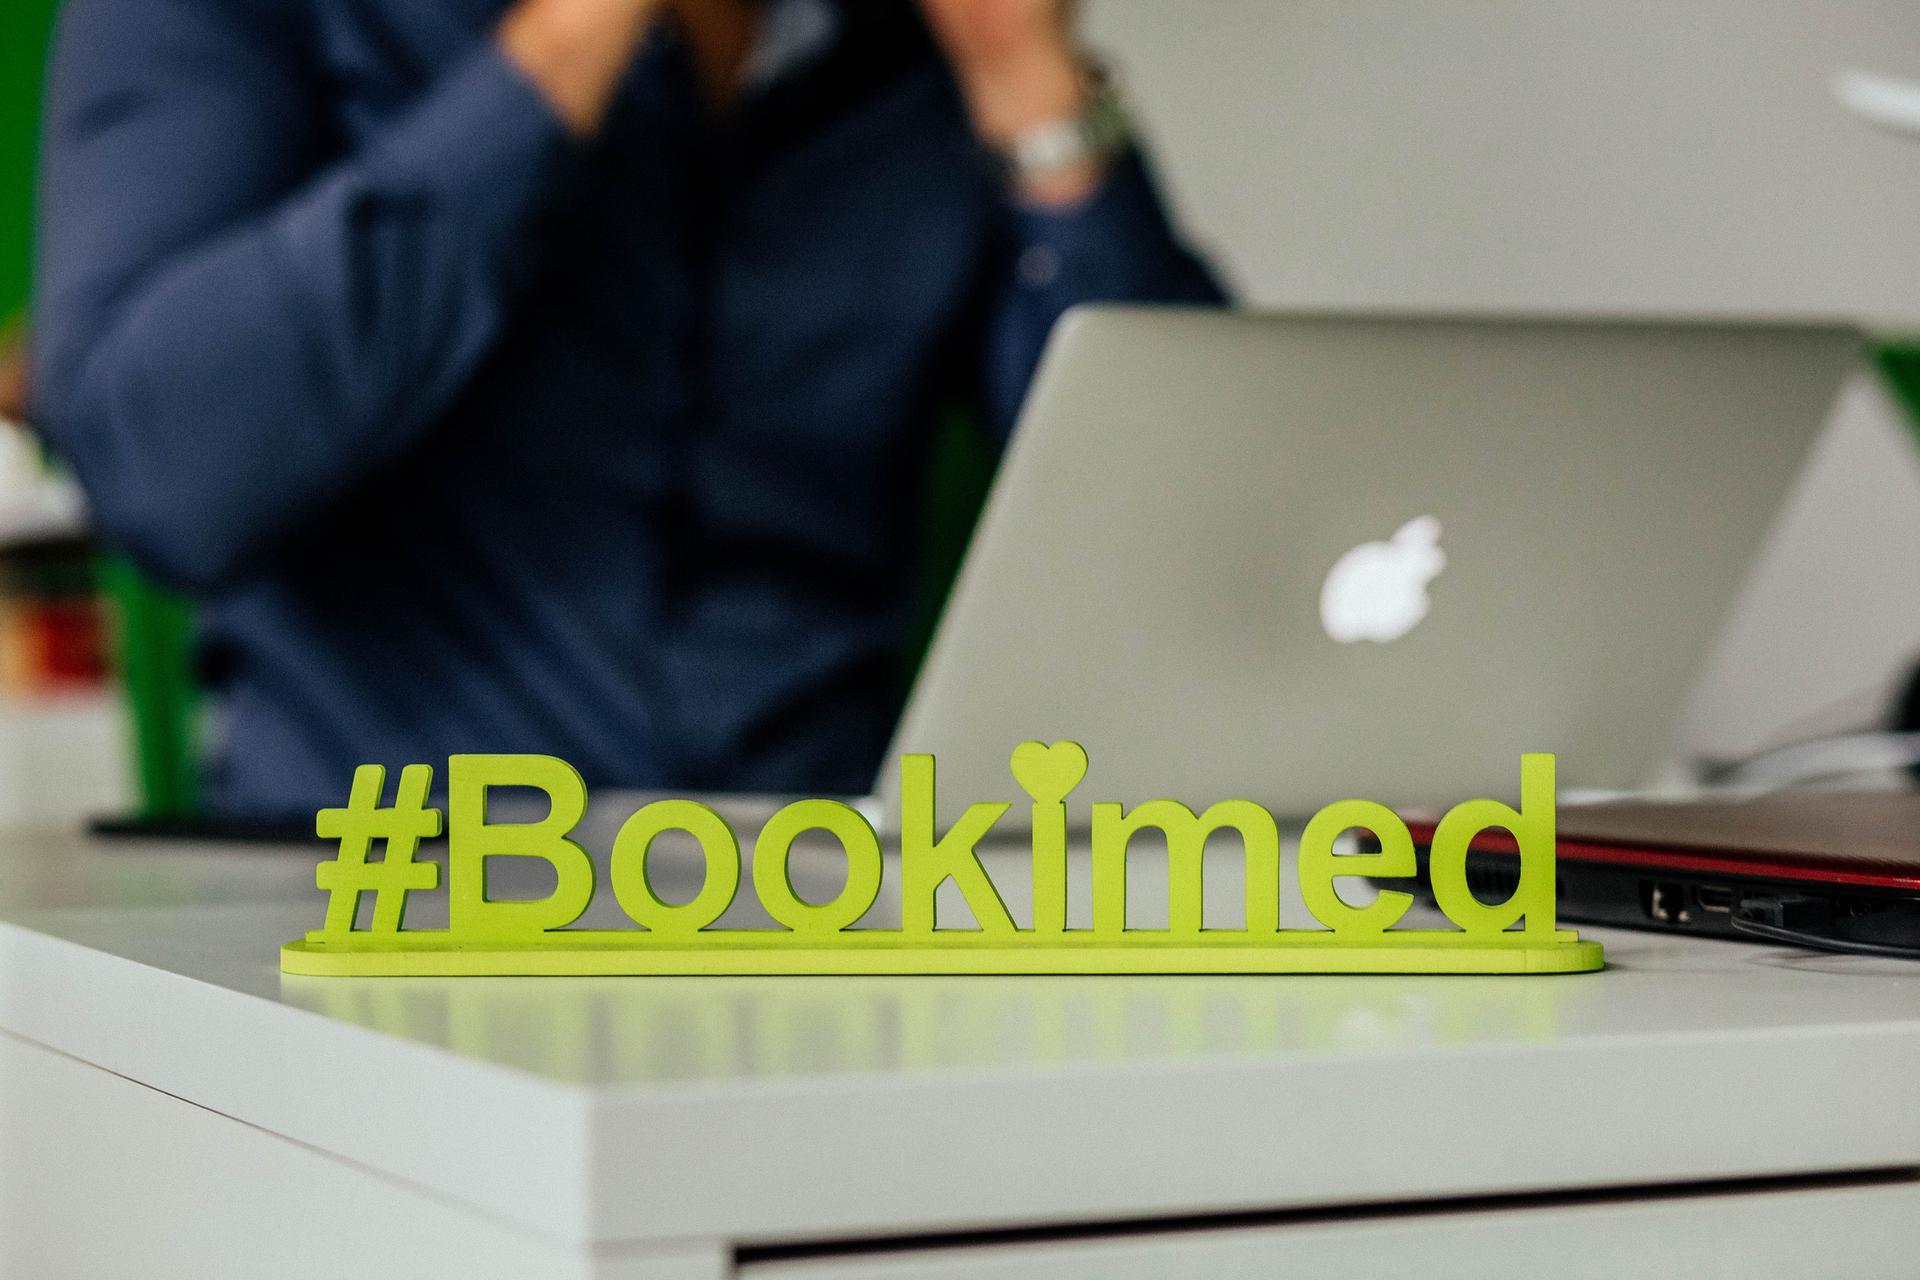 Bookimed: منصة أوكرانية جديدة تقوم بإرسال المرضى إلى الخارج لإجراء عمليات جراحية